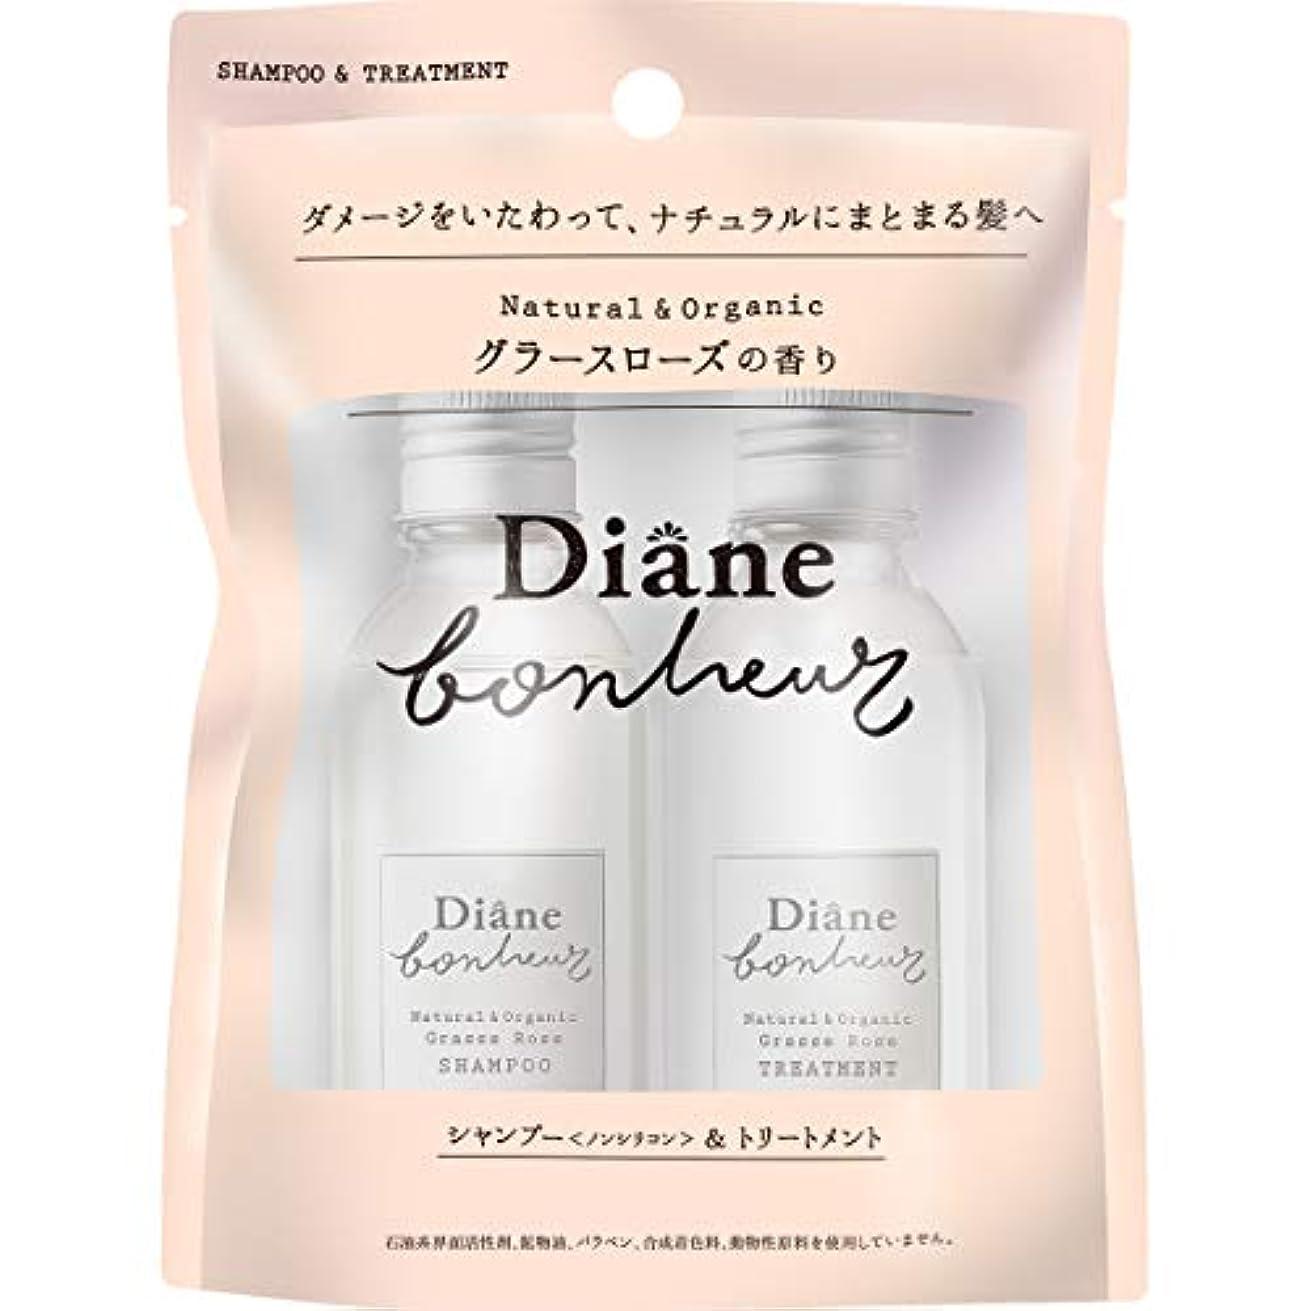 呼吸余剰含めるダイアン ボヌール グラースローズの香り ダメージリペア シャンプー&トリートメント トライアル 40ml×2